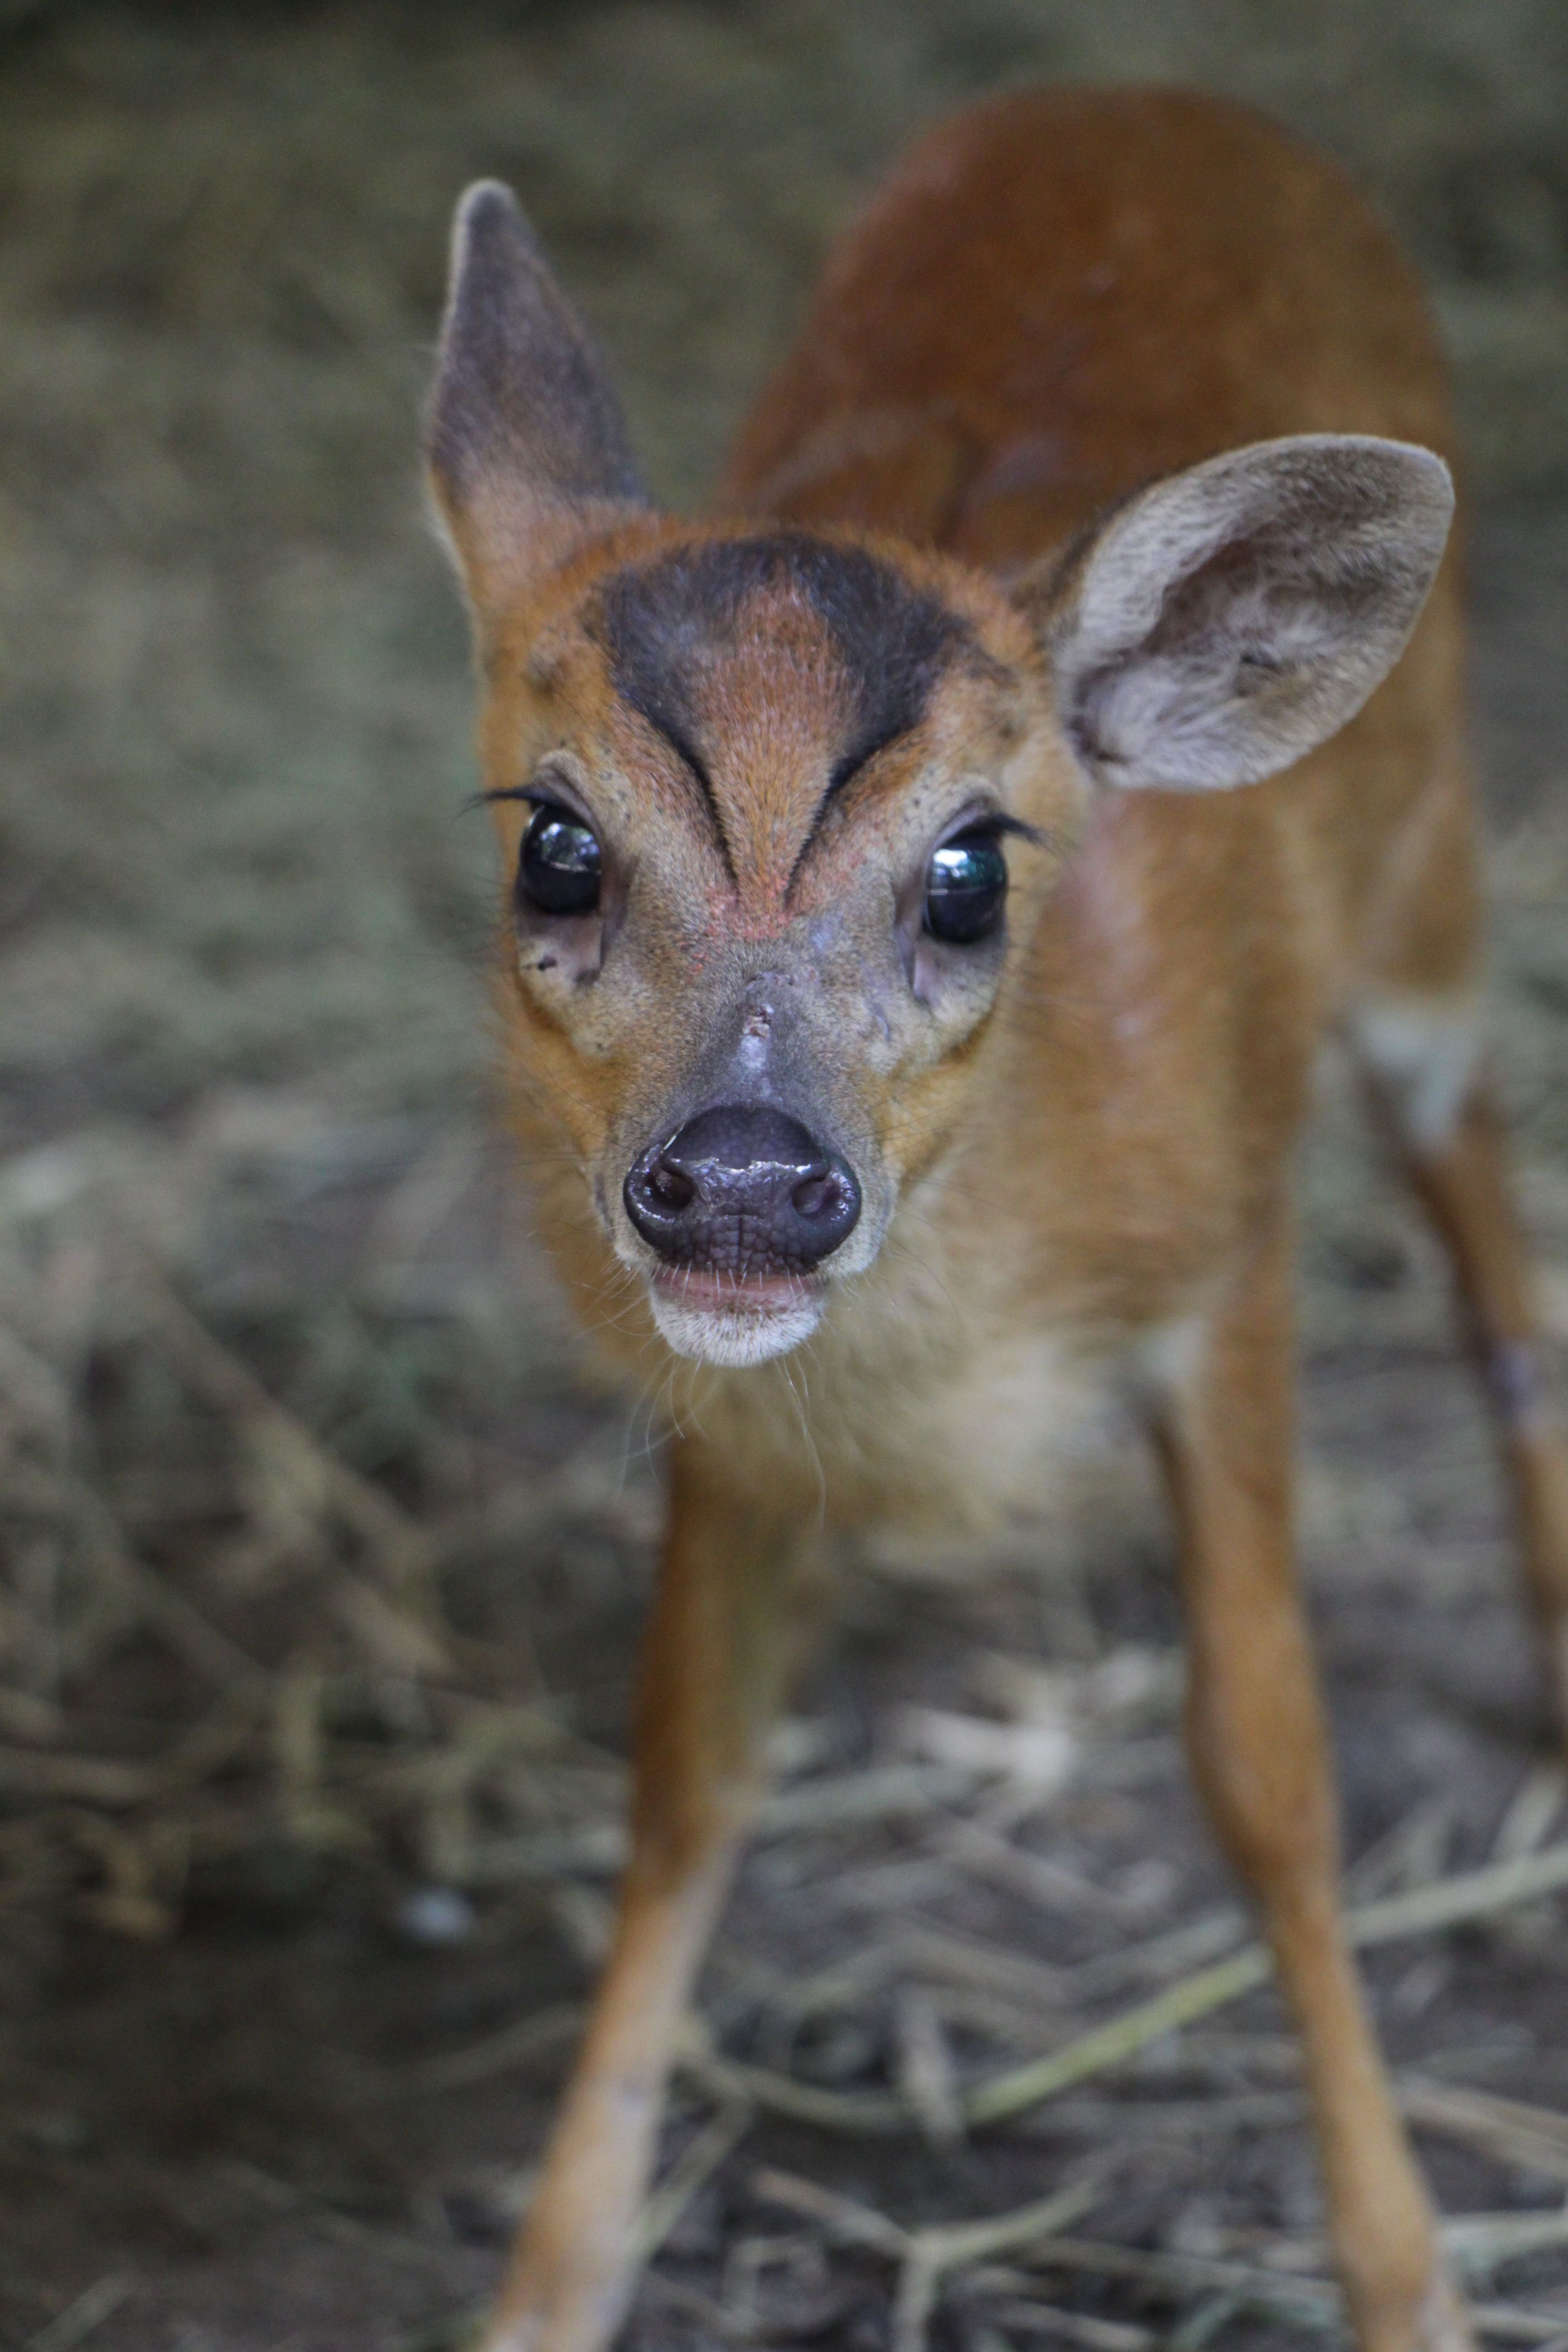 Baby muntjac deer babyanimal deer cute phnomtamao